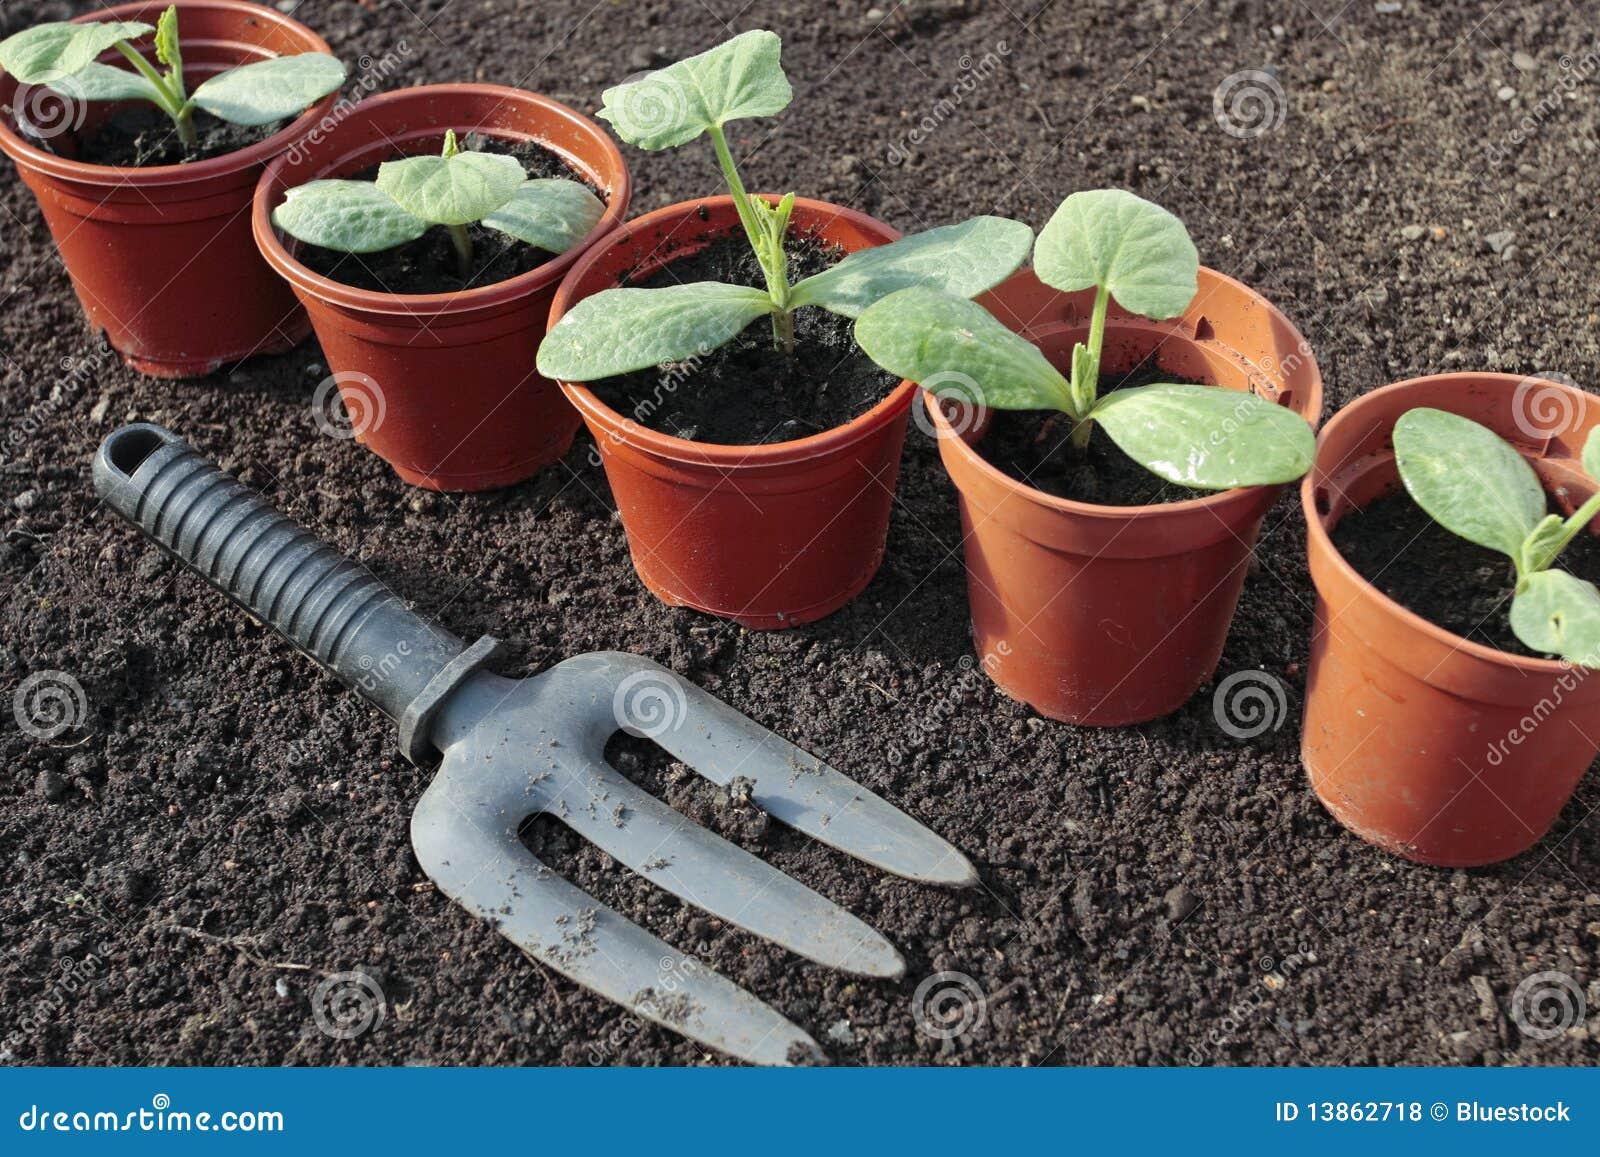 Vegetable seedlings growing in pots in spring